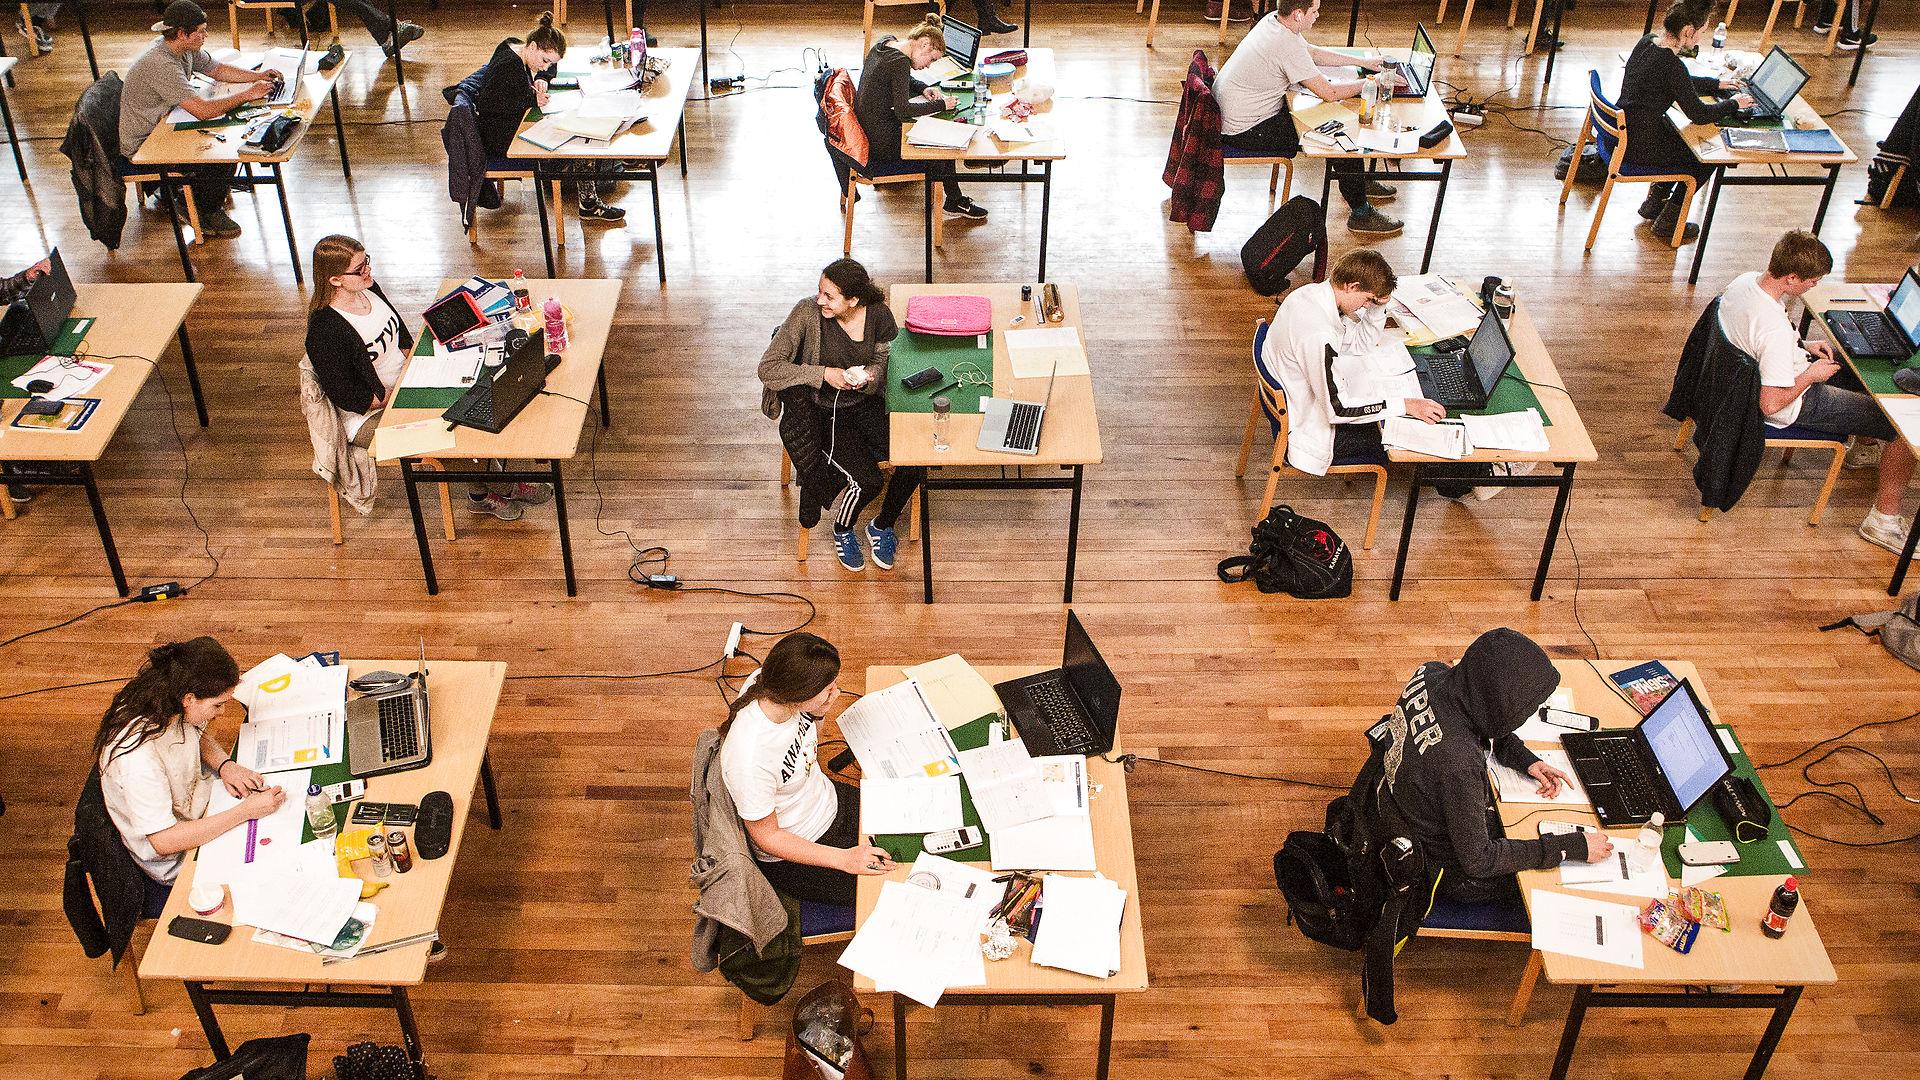 Lene Tanggaard: Hvorfor er vi så besatte af at teste folkeskoleelever? Det fortæller os intet om deres faglige dannelse